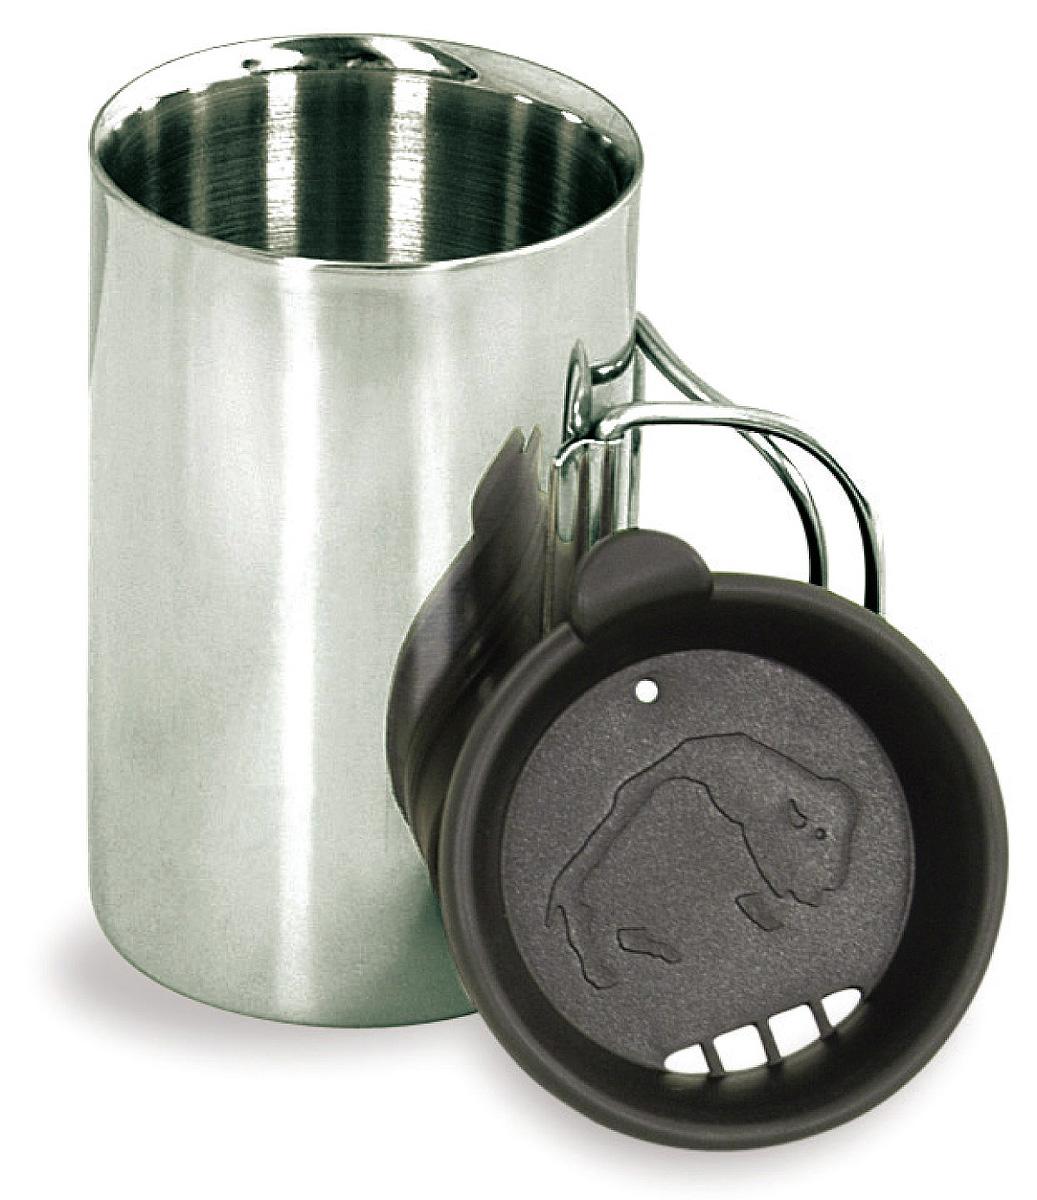 Термокружка с крышкой Tatonka Thermo, 0,35 л67742Термокружка Tatonka Thermo из нержавеющей стали со складными ручками и крышкой. Удобна в транспортировке. Кружка остается комфортной и прохладной снаружи, даже когда внутри кипяток. Крышка имеет специальные отверстия для питья. Это позволяет пить любимые напитки, не вынимая крышку, и напиток дольше не остывает. Внутри расположена мерная шкала.Высота кружки: 11,5 см.Диаметр кружки без учета ручки: 7,5 см.